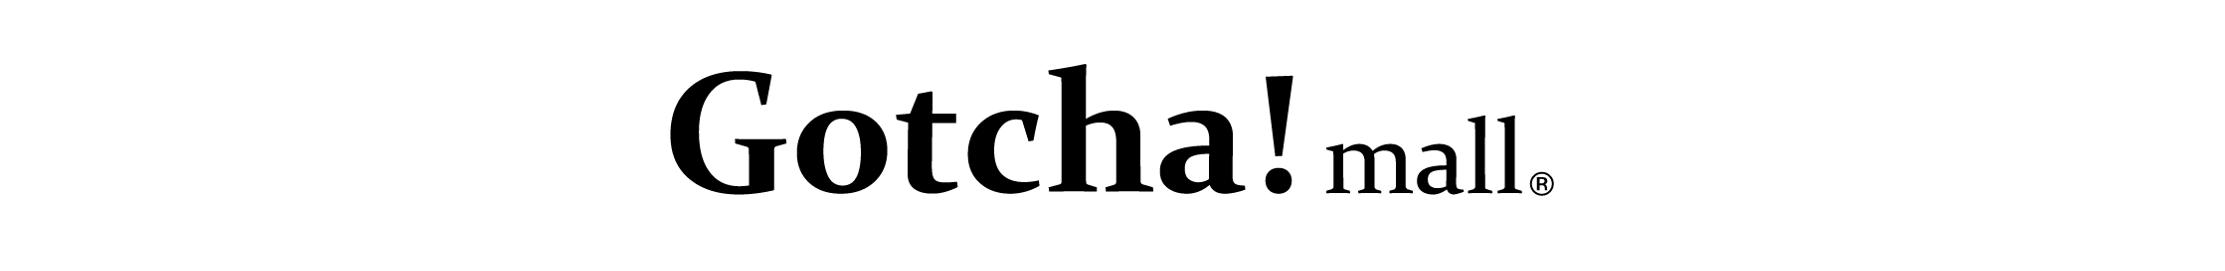 買い物マッチングプラットフォーム「Gotcha!mall」の買物総額が月間40億円を突破 画像